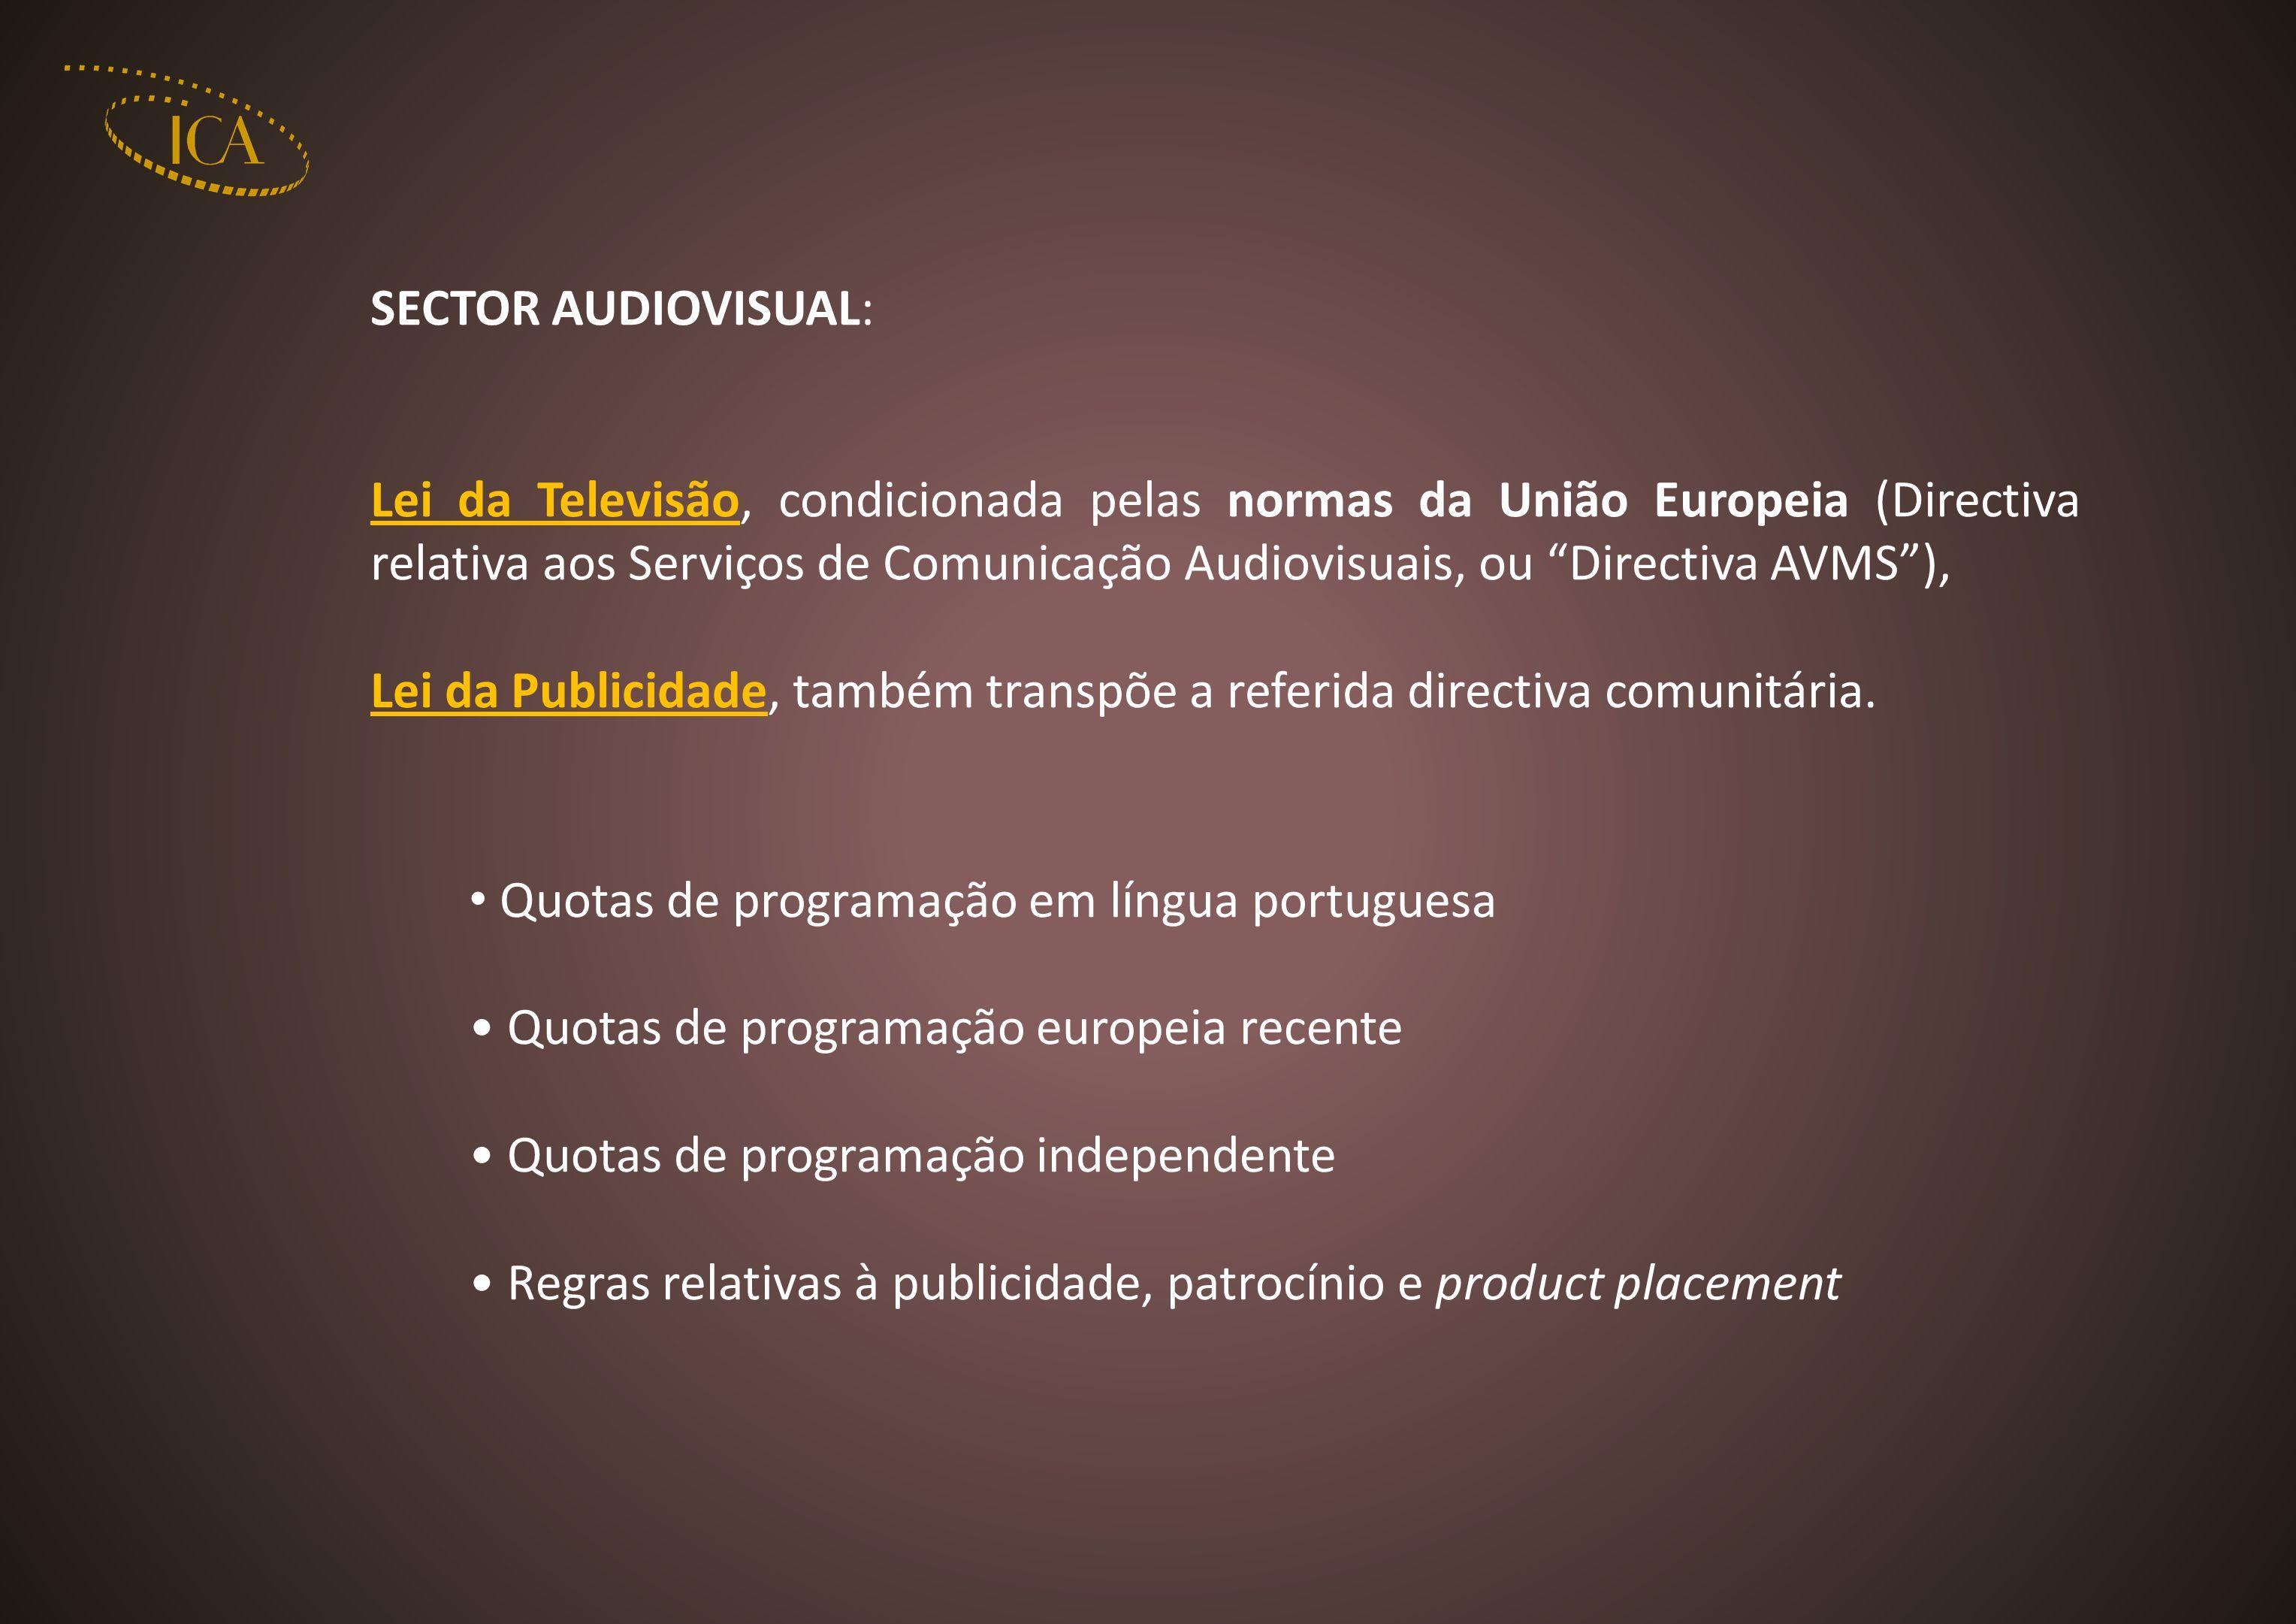 SECTOR AUDIOVISUAL: Lei da Televisão, condicionada pelas normas da União Europeia (Directiva relativa aos Serviços de Comunicação Audiovisuais, ou Dir